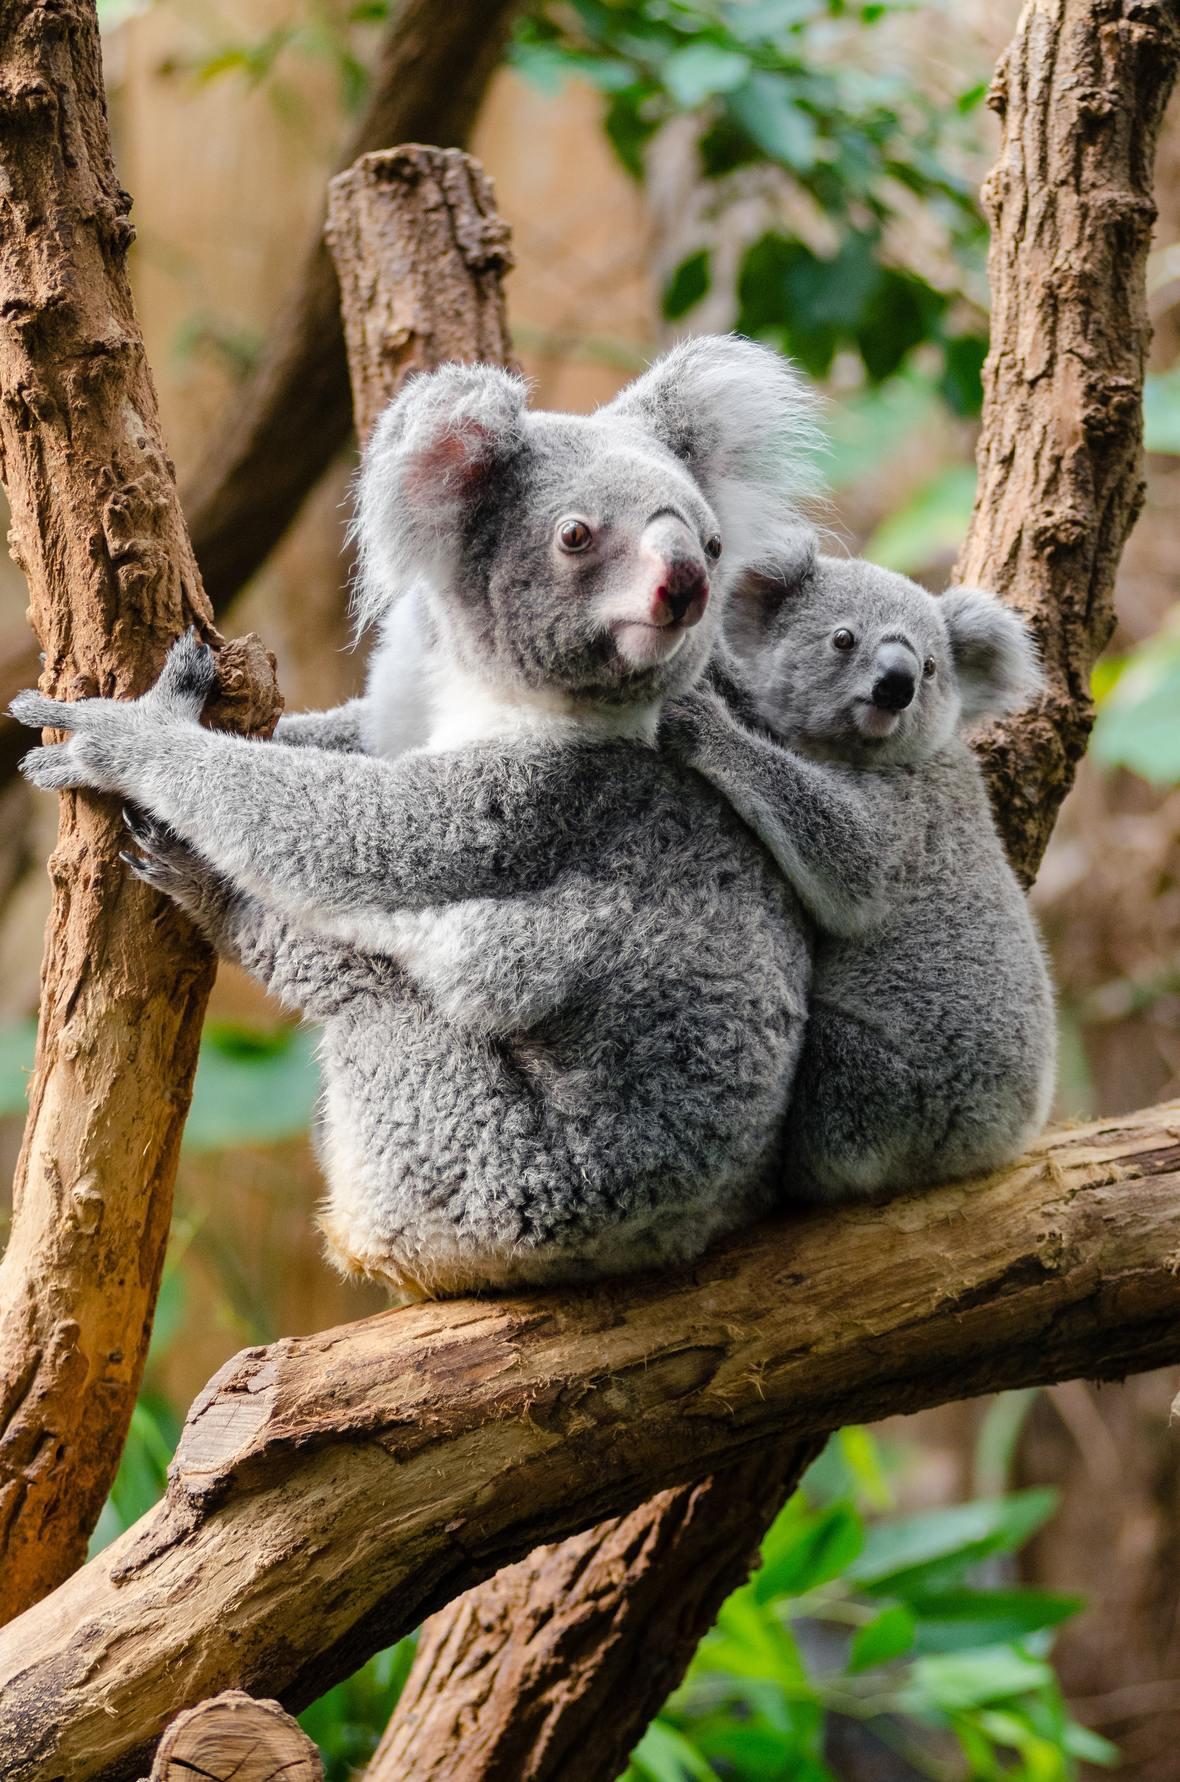 2-kuala-bears-on-brown-wood-tree-branch-146083